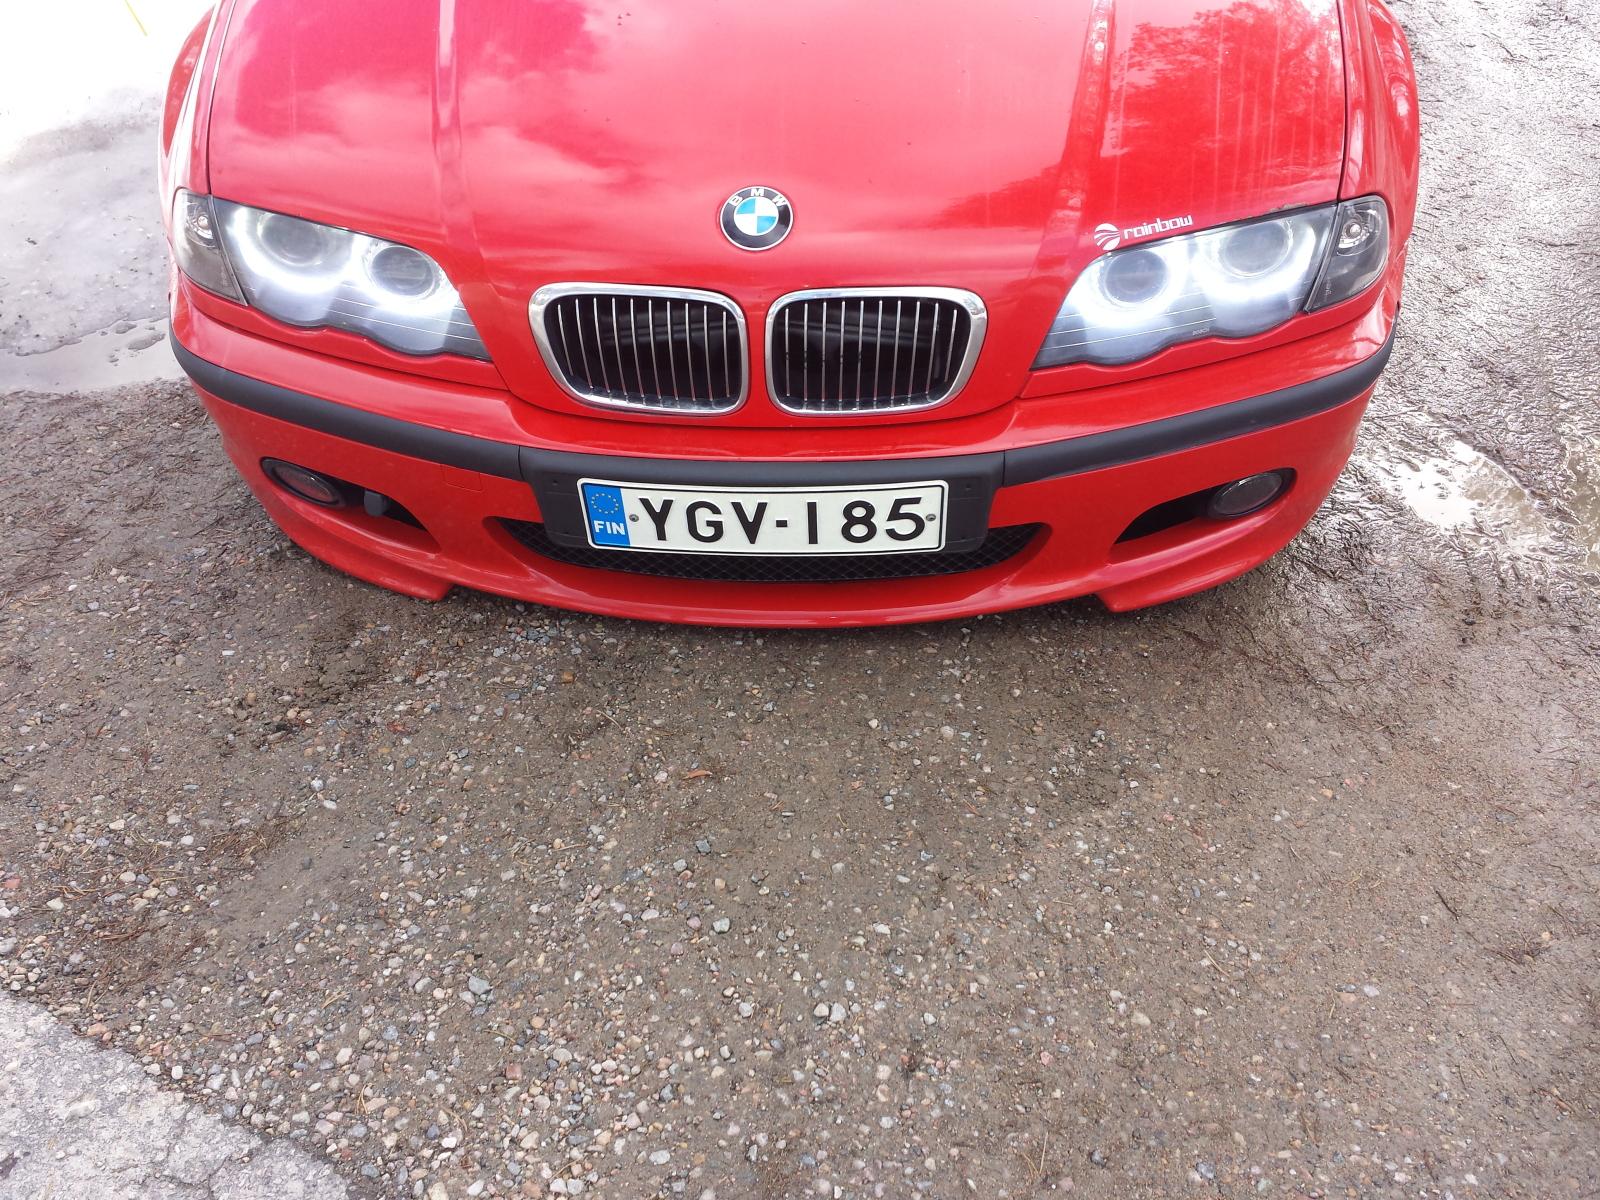 BMW E46 328I -98 -ensikosketus uuteen harrastukseen. Op9zqr